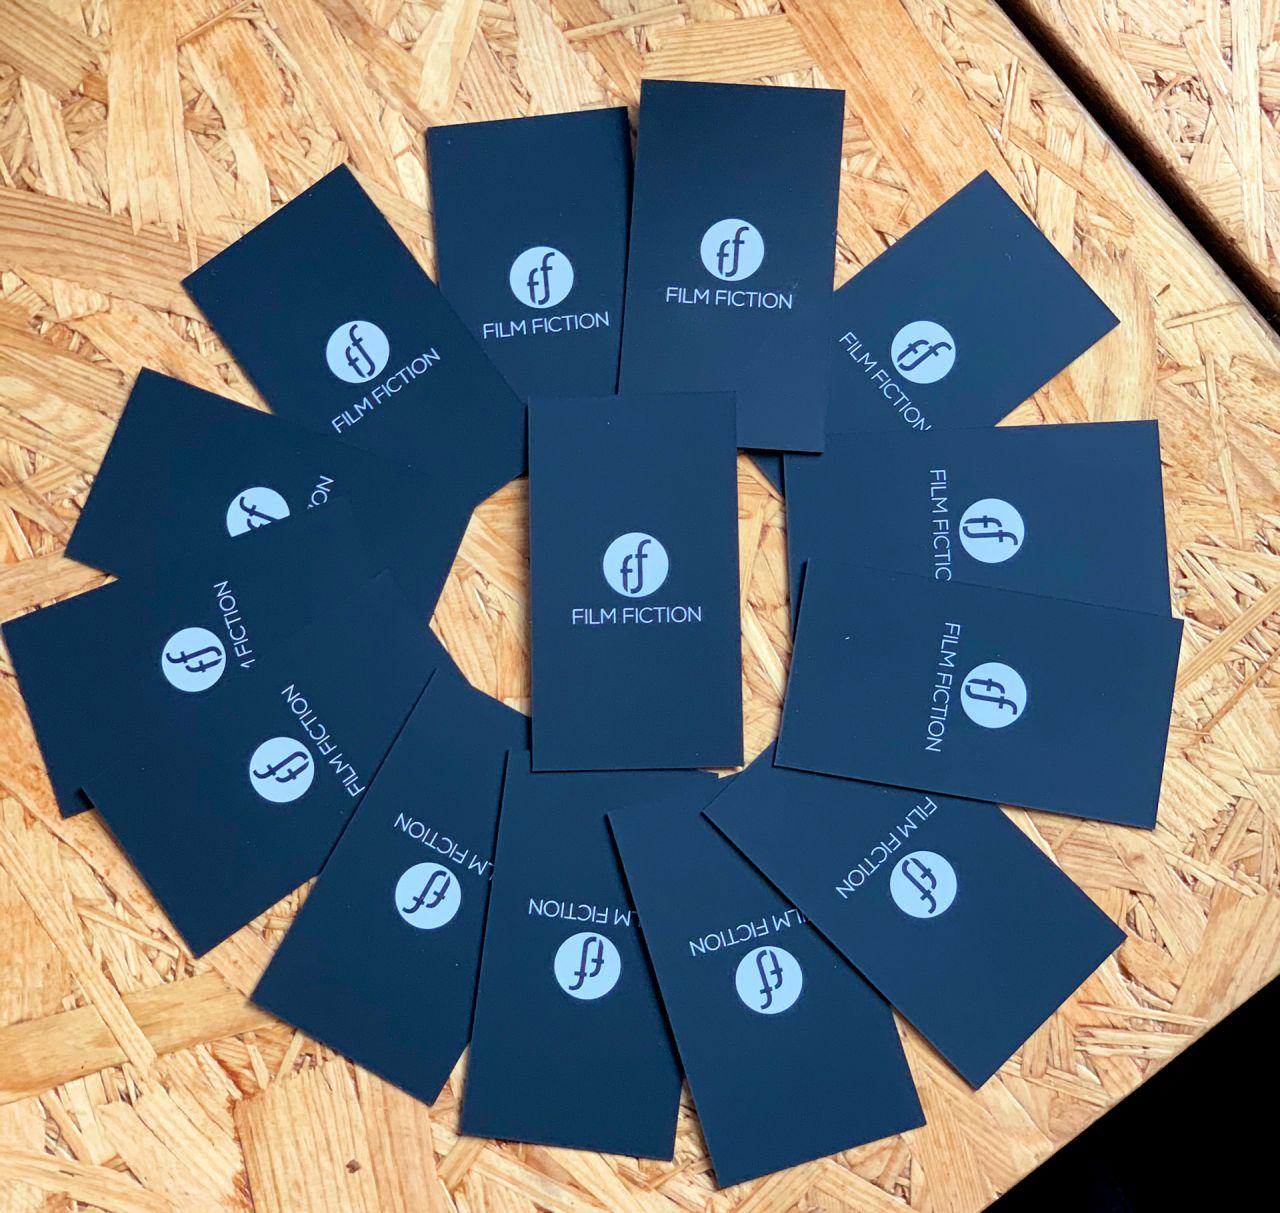 czarne barwione wizytówki z logo Film Fiction